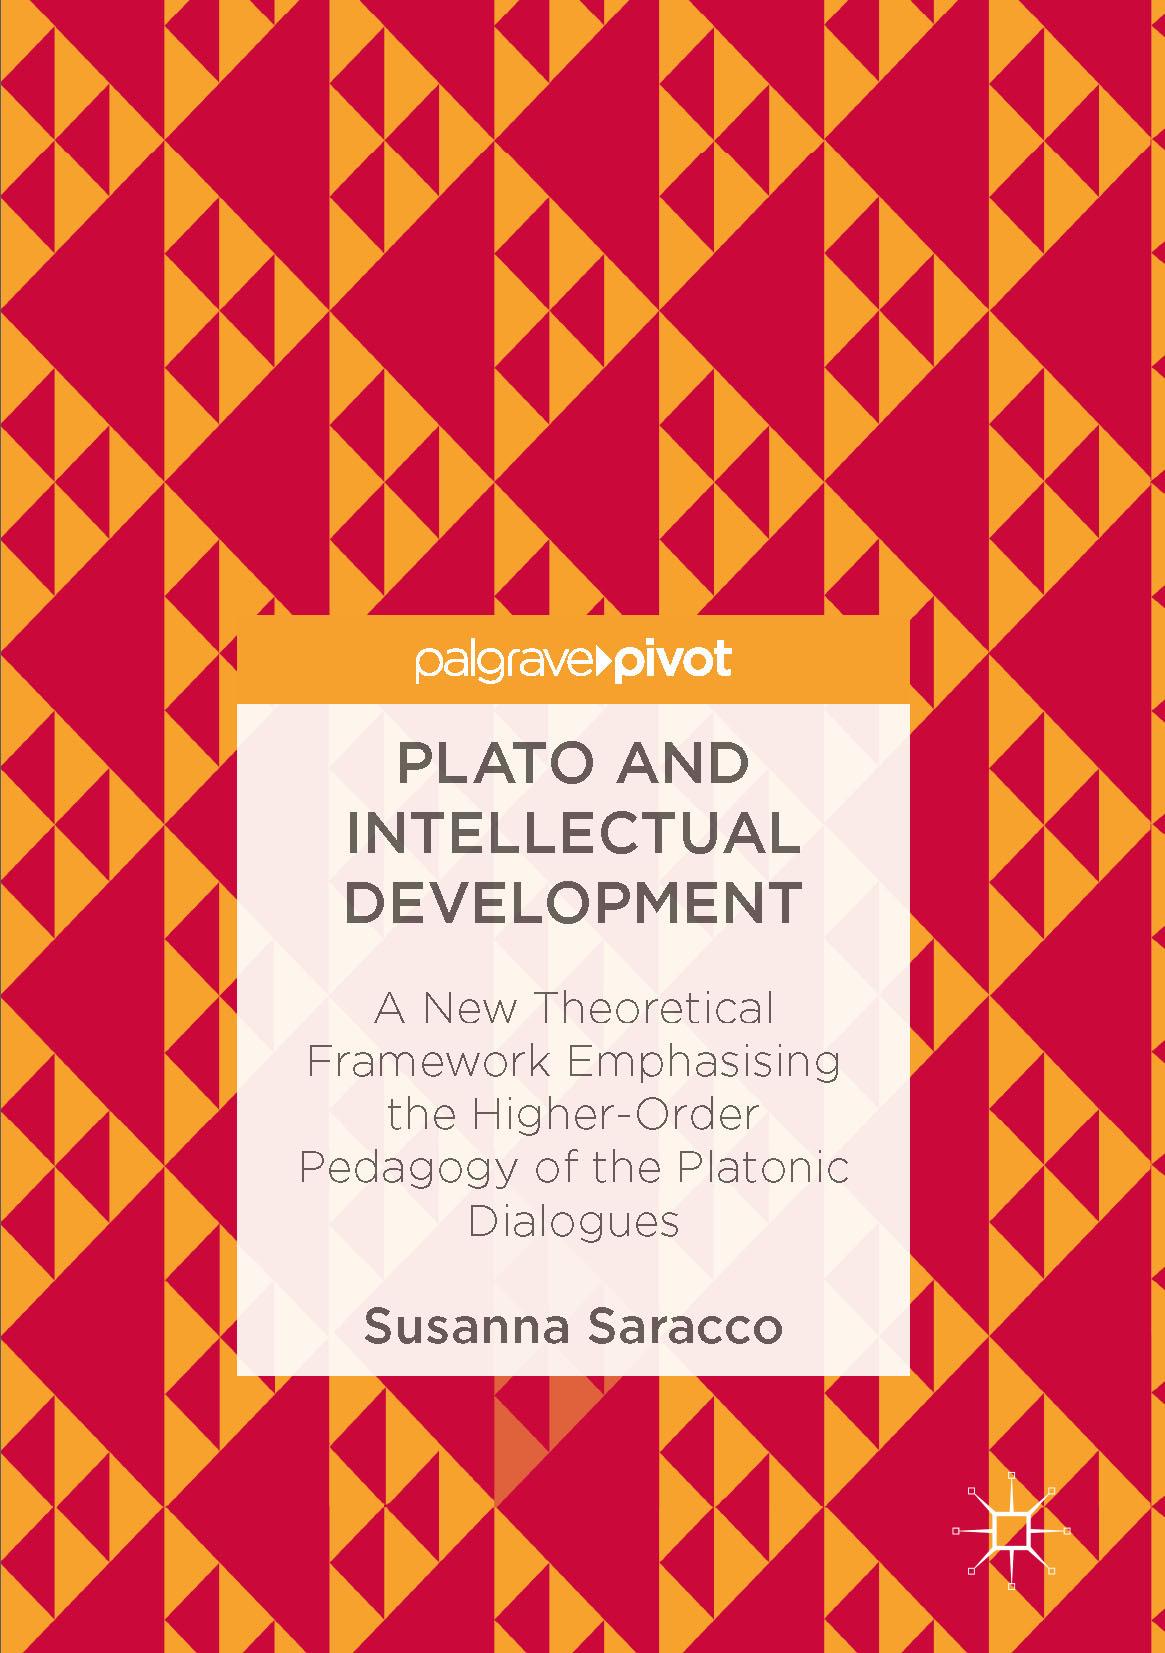 Saracco, Susanna - Plato and Intellectual Development, ebook